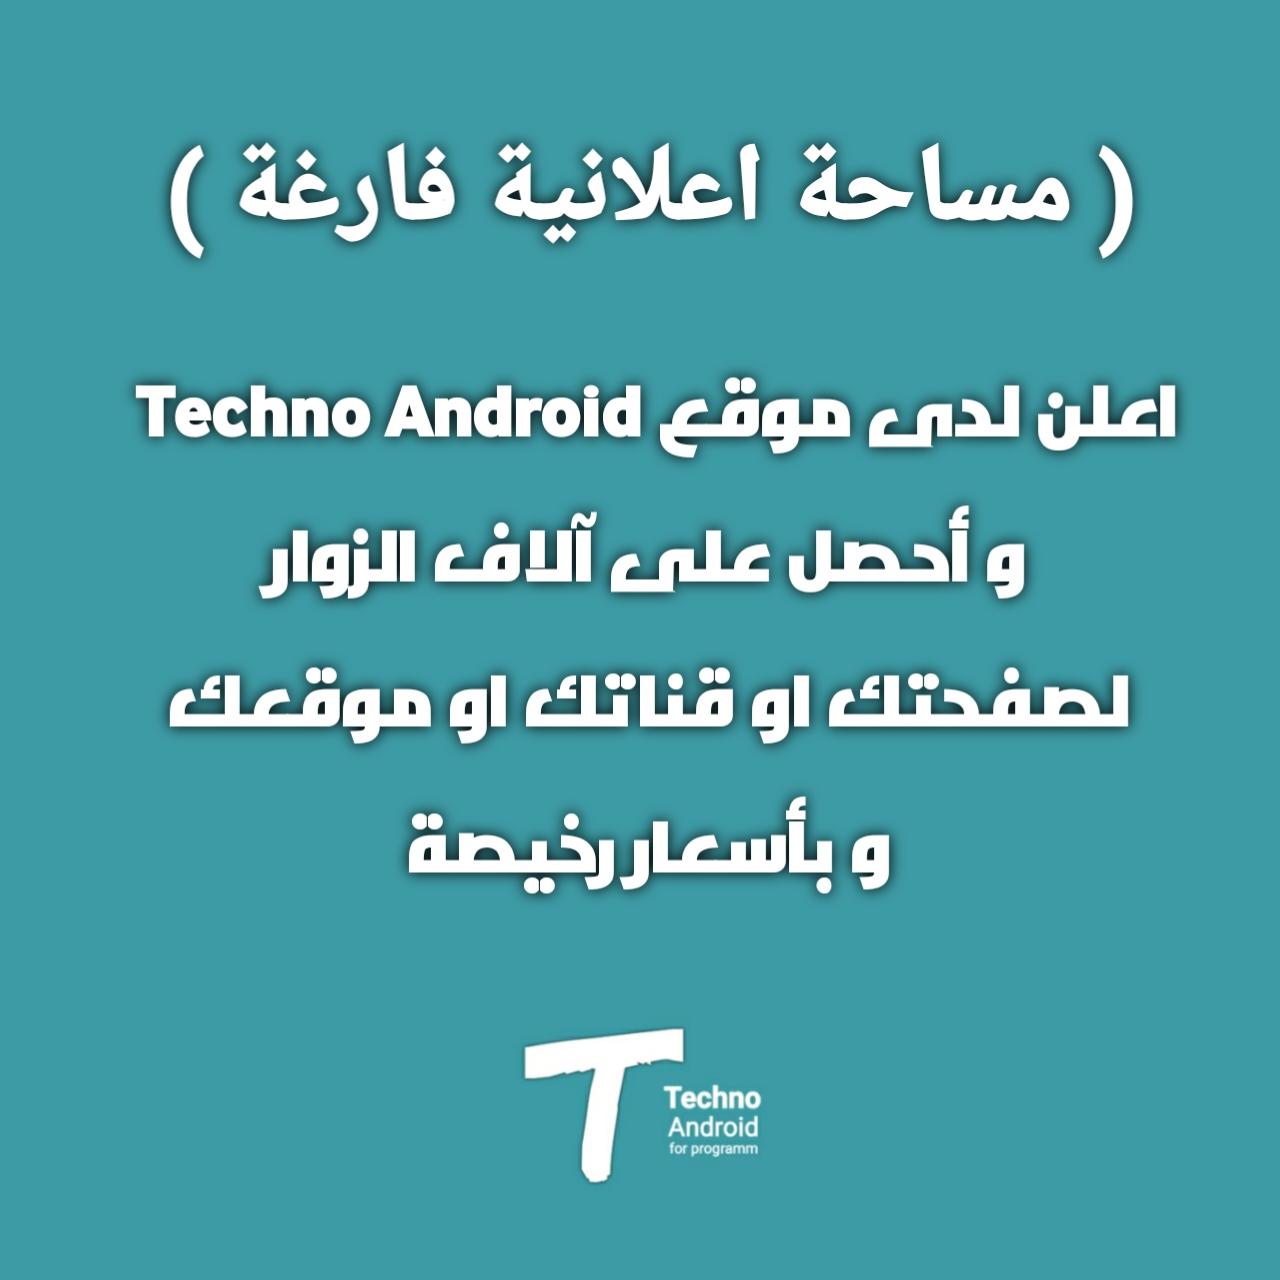 اعلن لدى موقع Techno Android  و احصل على الاف الزيارات و المتابعين لقناتك و موقعك